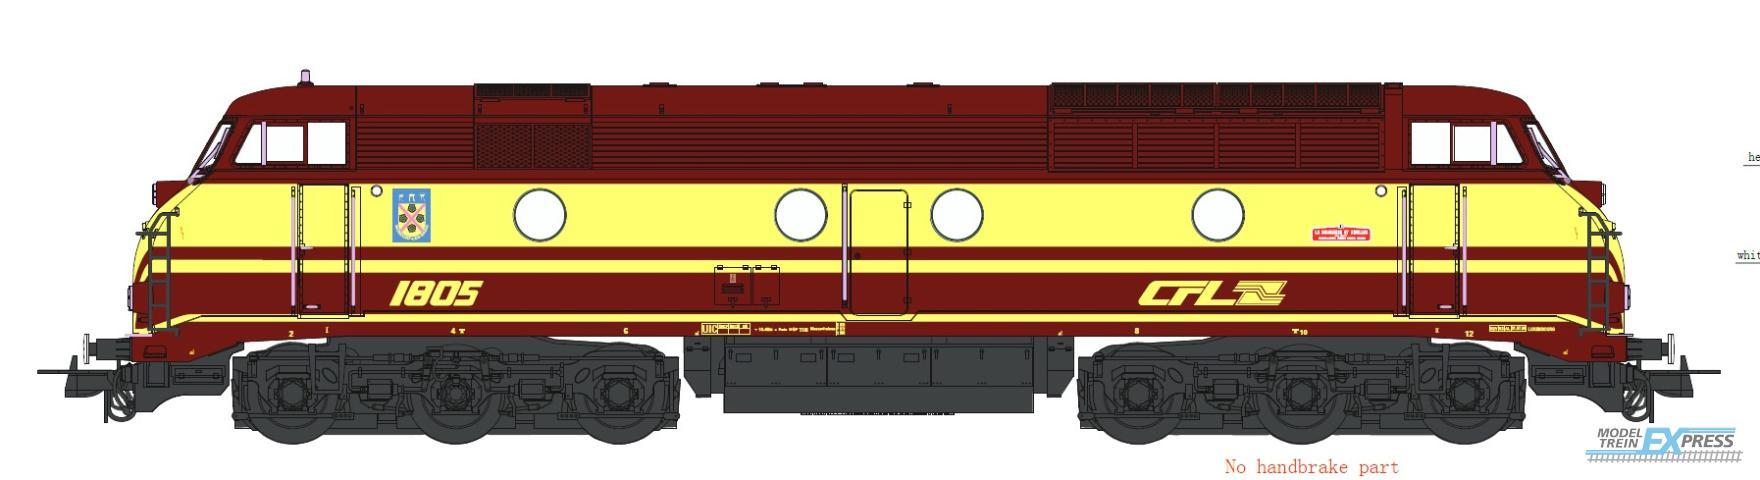 B-Models 23.206